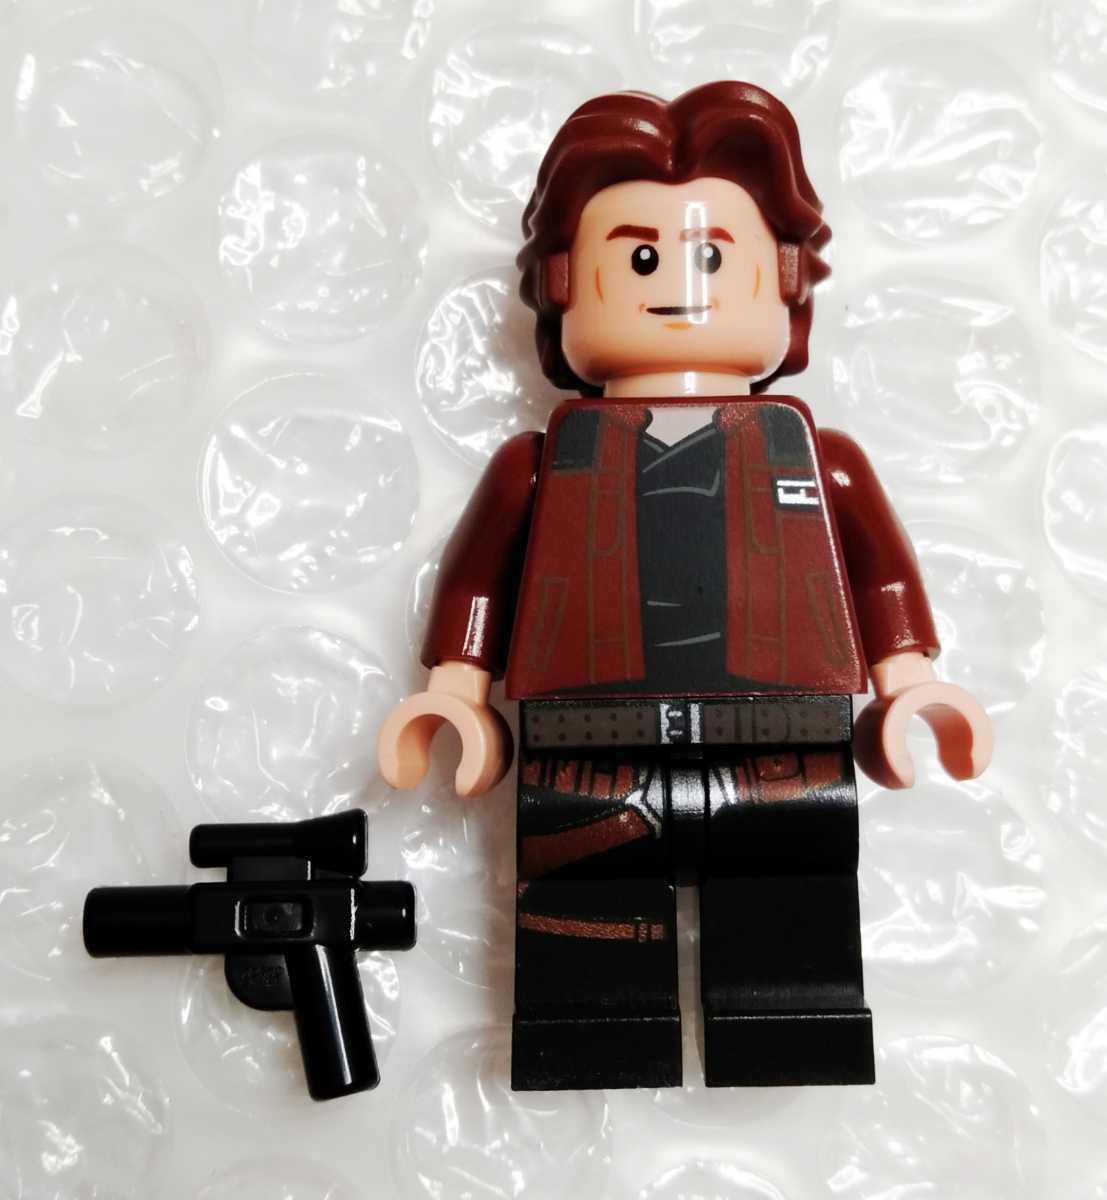 新品 ハン・ソロ 75212 スター・ウォーズ ミレニアム・ファルコン ミニフィグ レゴ アクセサリー LEGO フィグ 持ち物_画像1